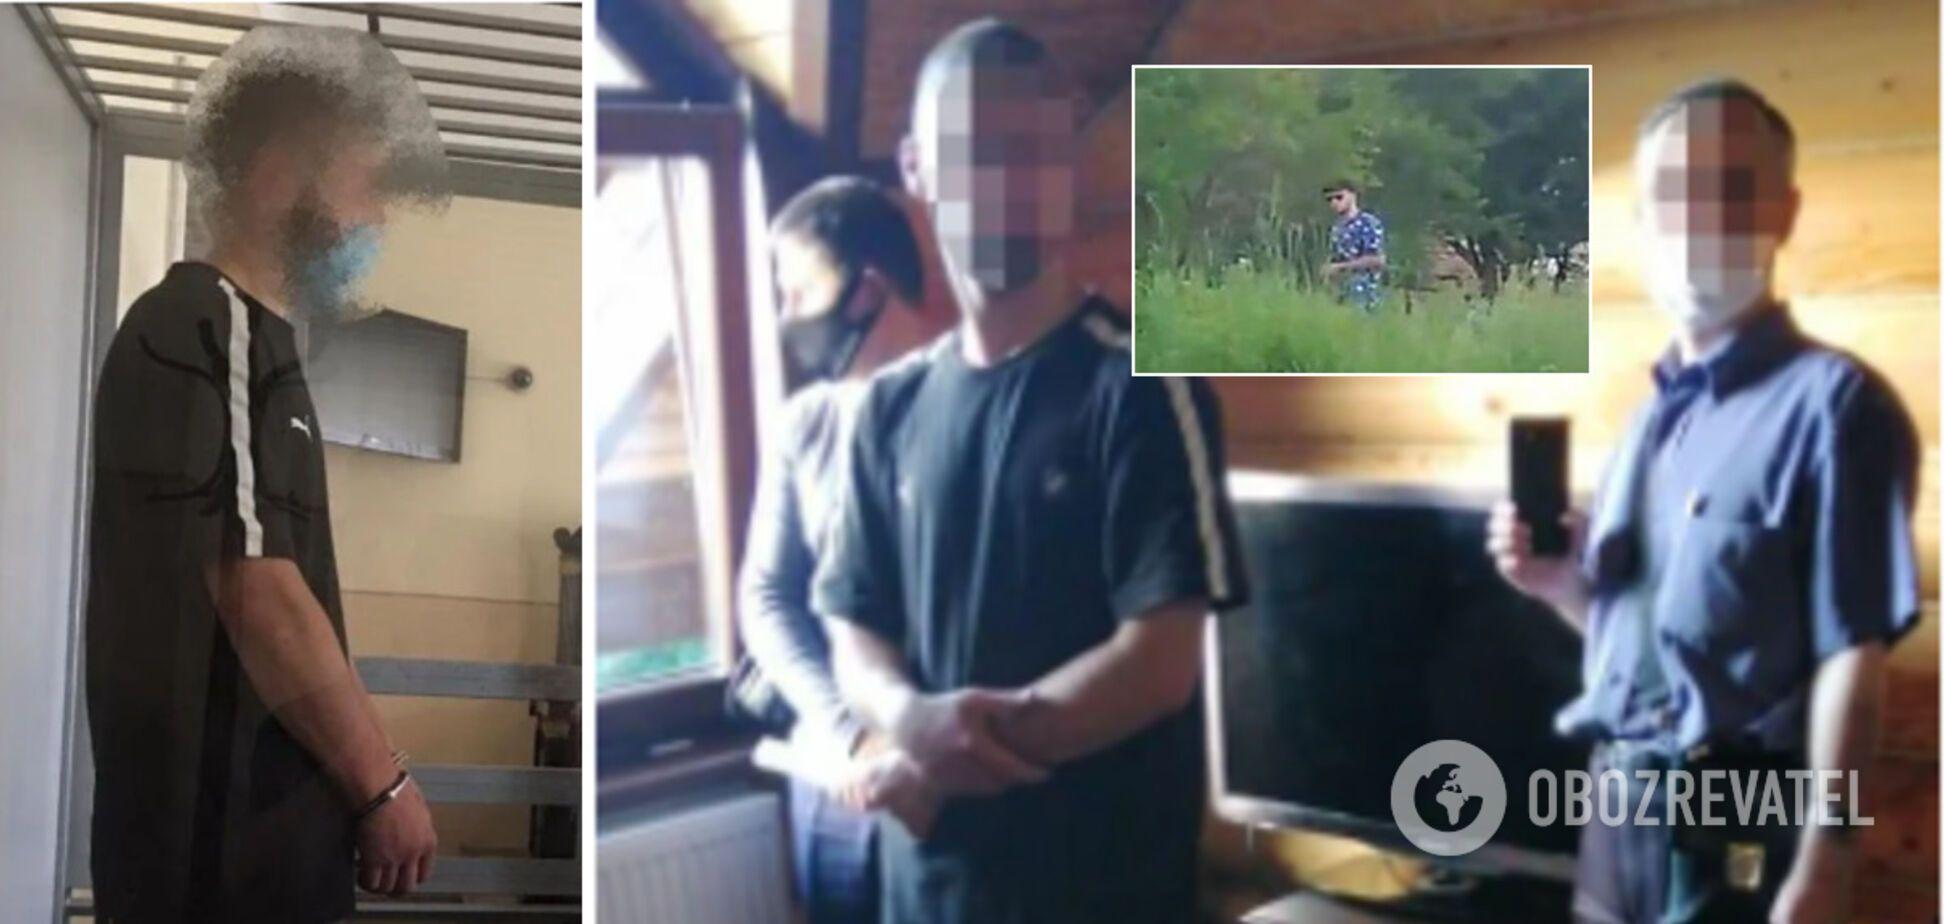 Во Львове сына бизнесмена заподозрили в изнасиловании 12-летнего, на защиту встали пять адвокатов. Детали истории